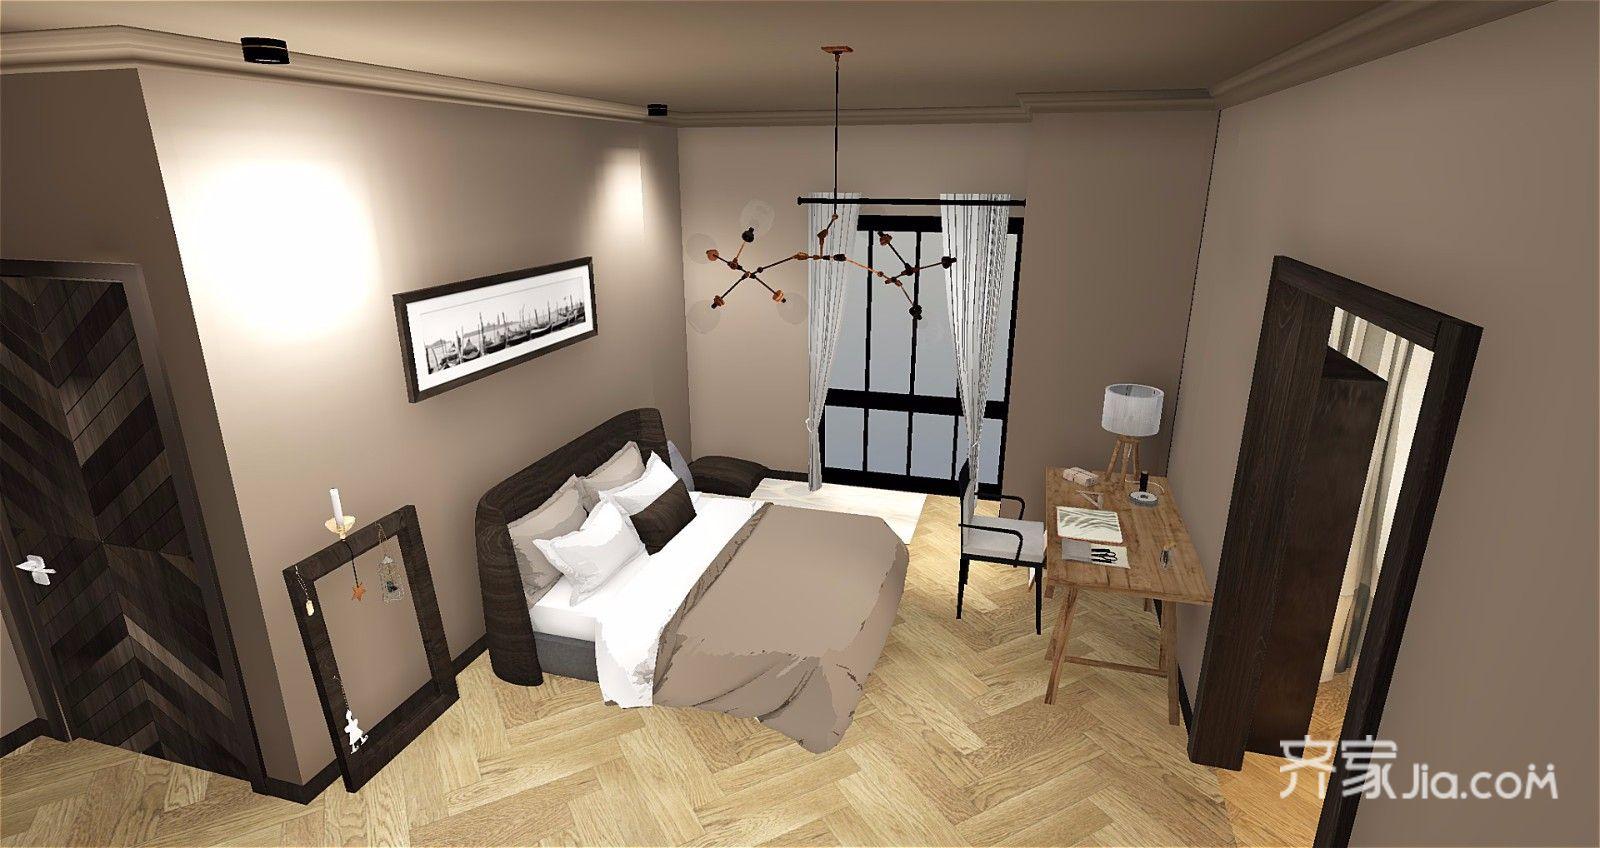 65平简约风格公寓卧室装修效果图